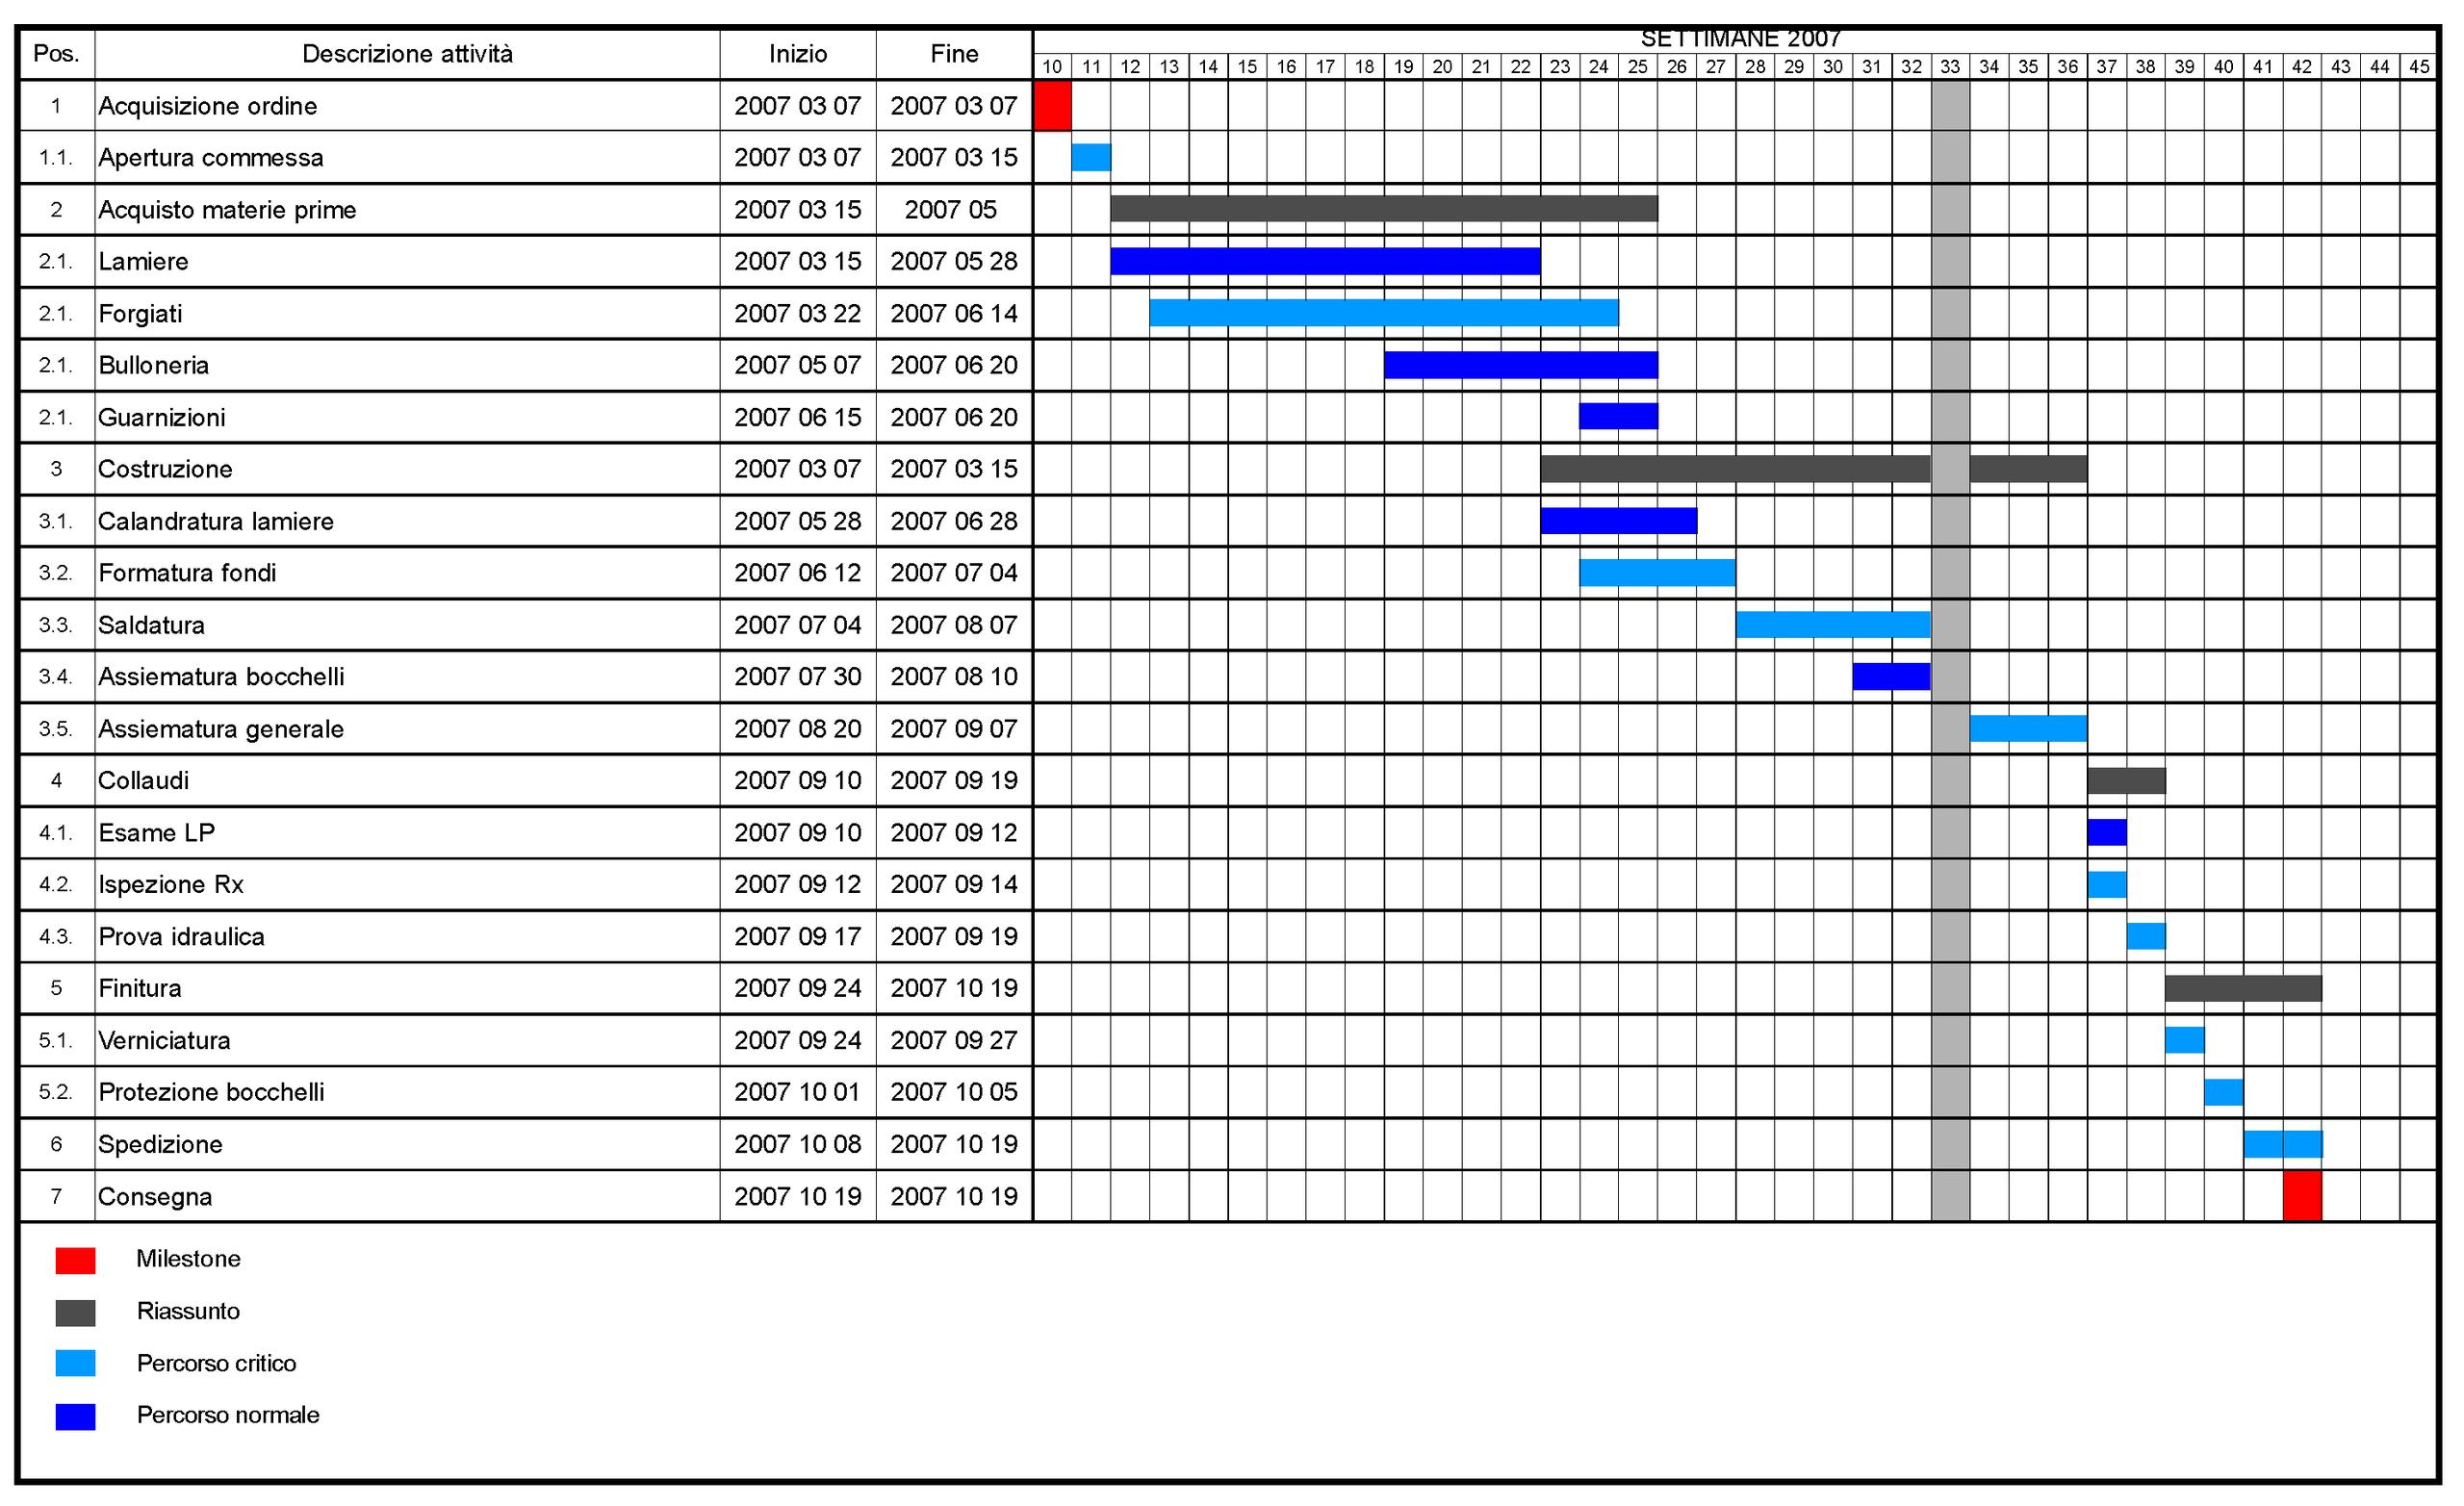 なぜガントチャートはプロジェクトで使えないのか フロントライン通信